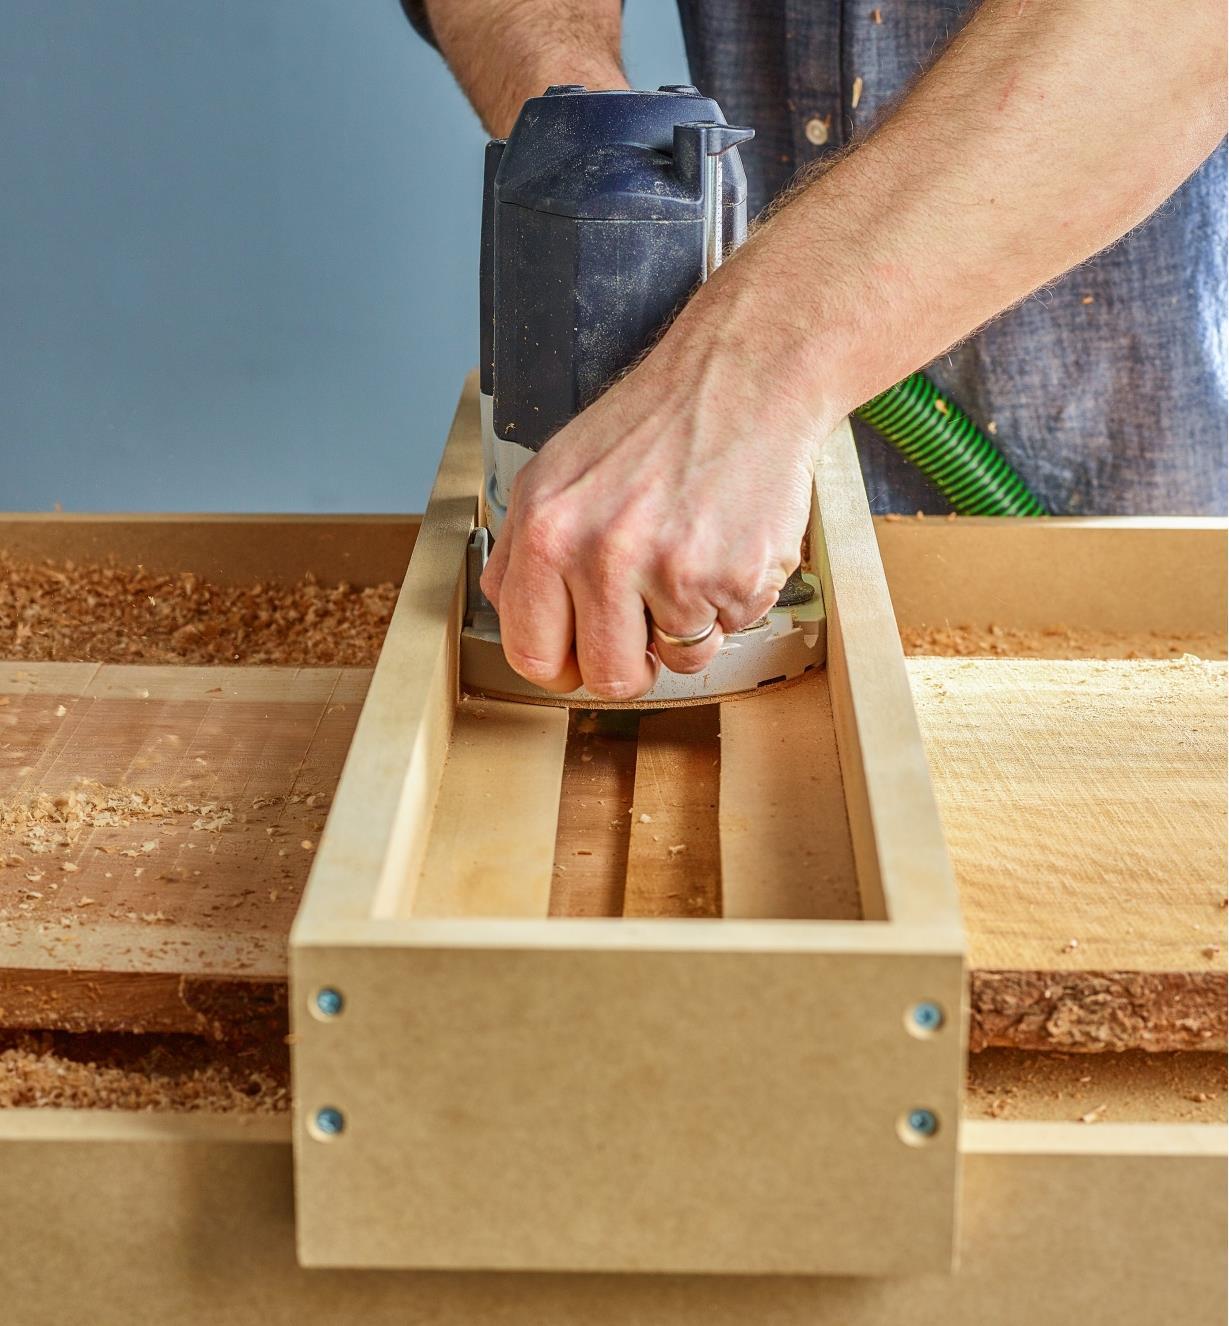 Mèche à dresser employée avec une toupie et un chariot de dressage pour aplanir une planche de bois brut, l'égaliser et la rendre utilisable